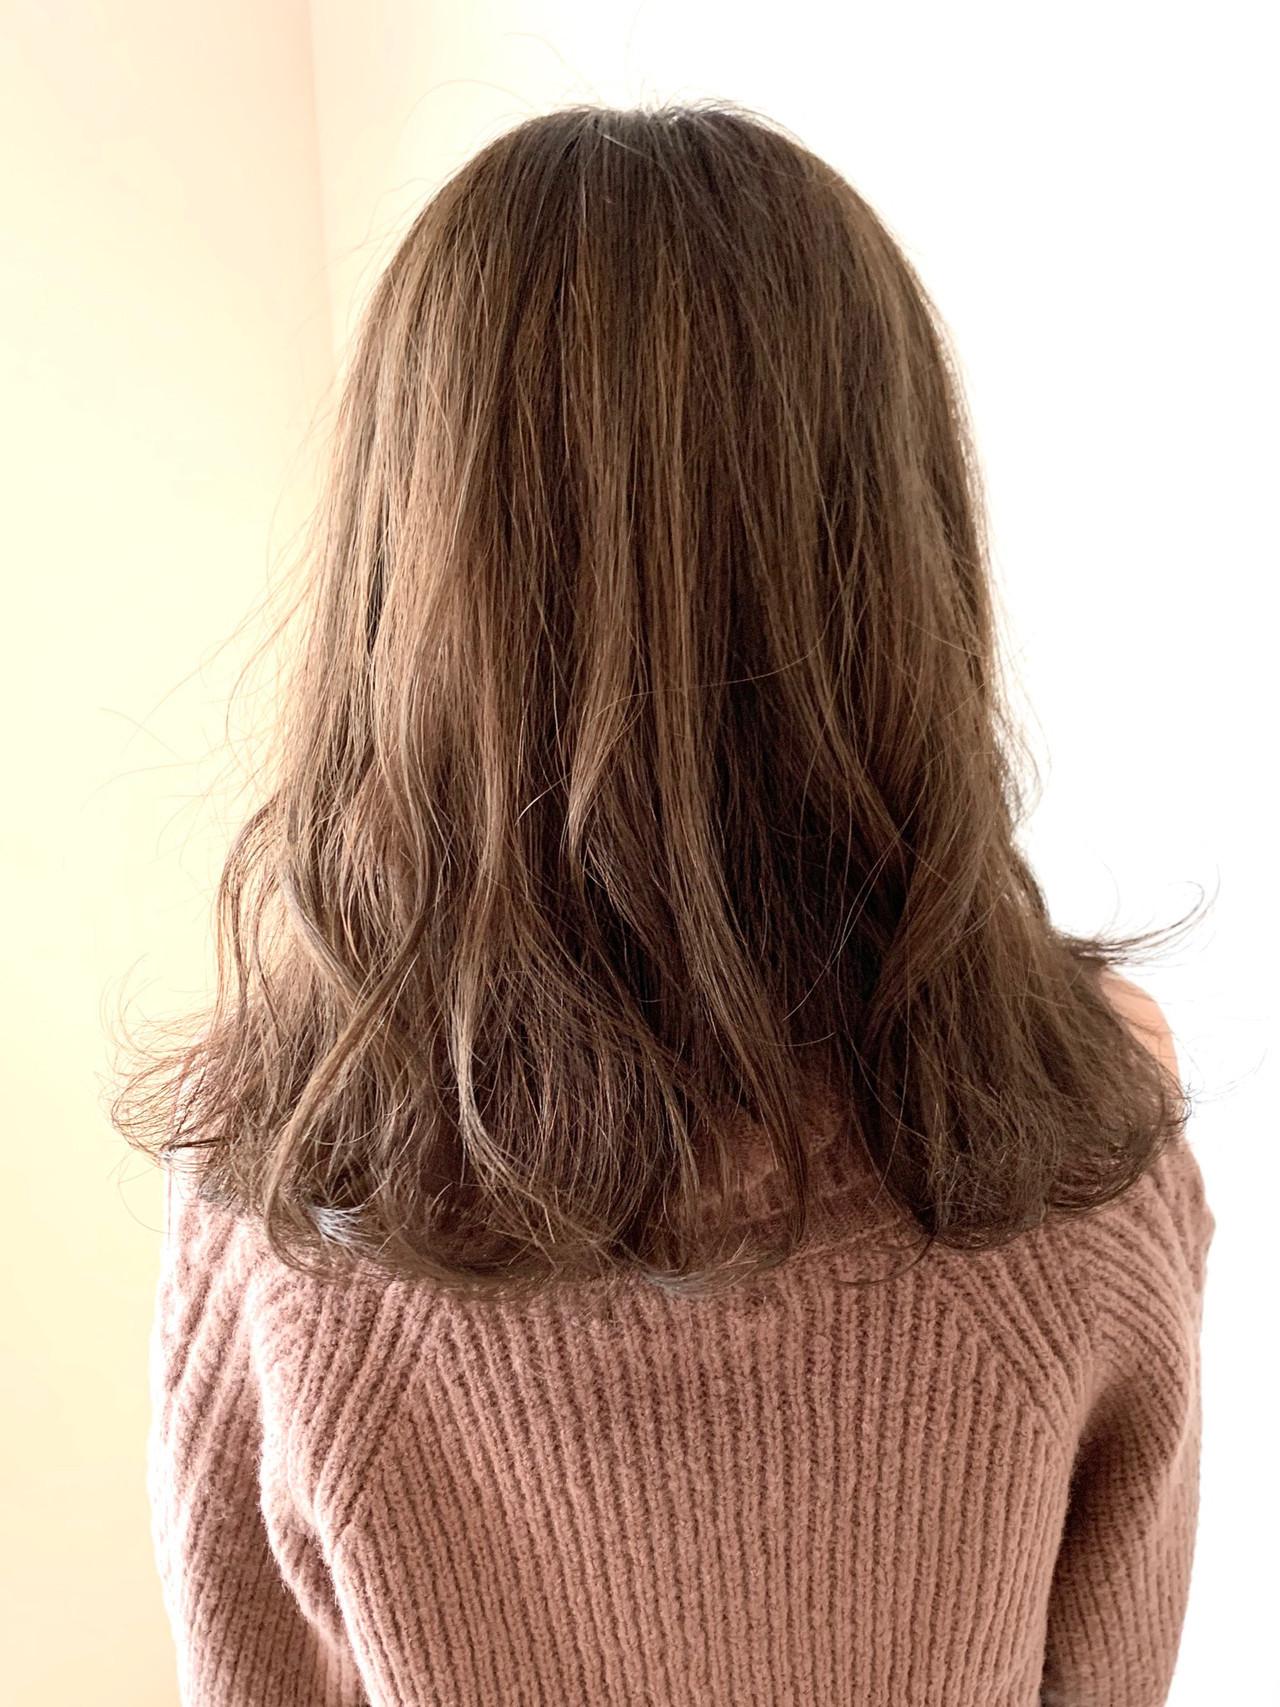 簡単スタイリング フェミニン 大人可愛い アッシュベージュ ヘアスタイルや髪型の写真・画像